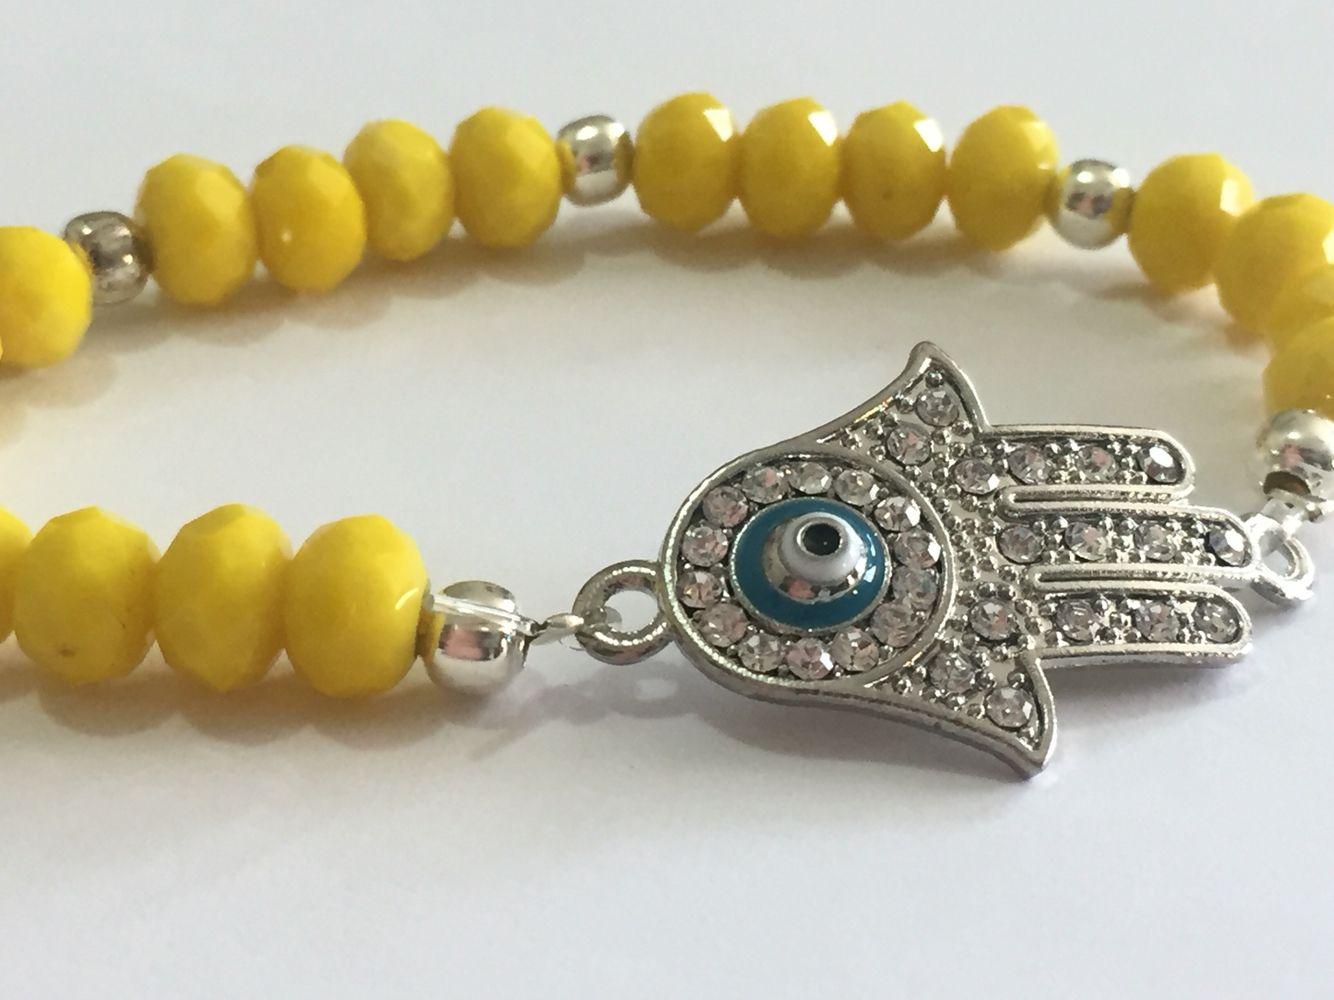 d5d5f82da038 Pulsera amarilla con dije mano de Fatima